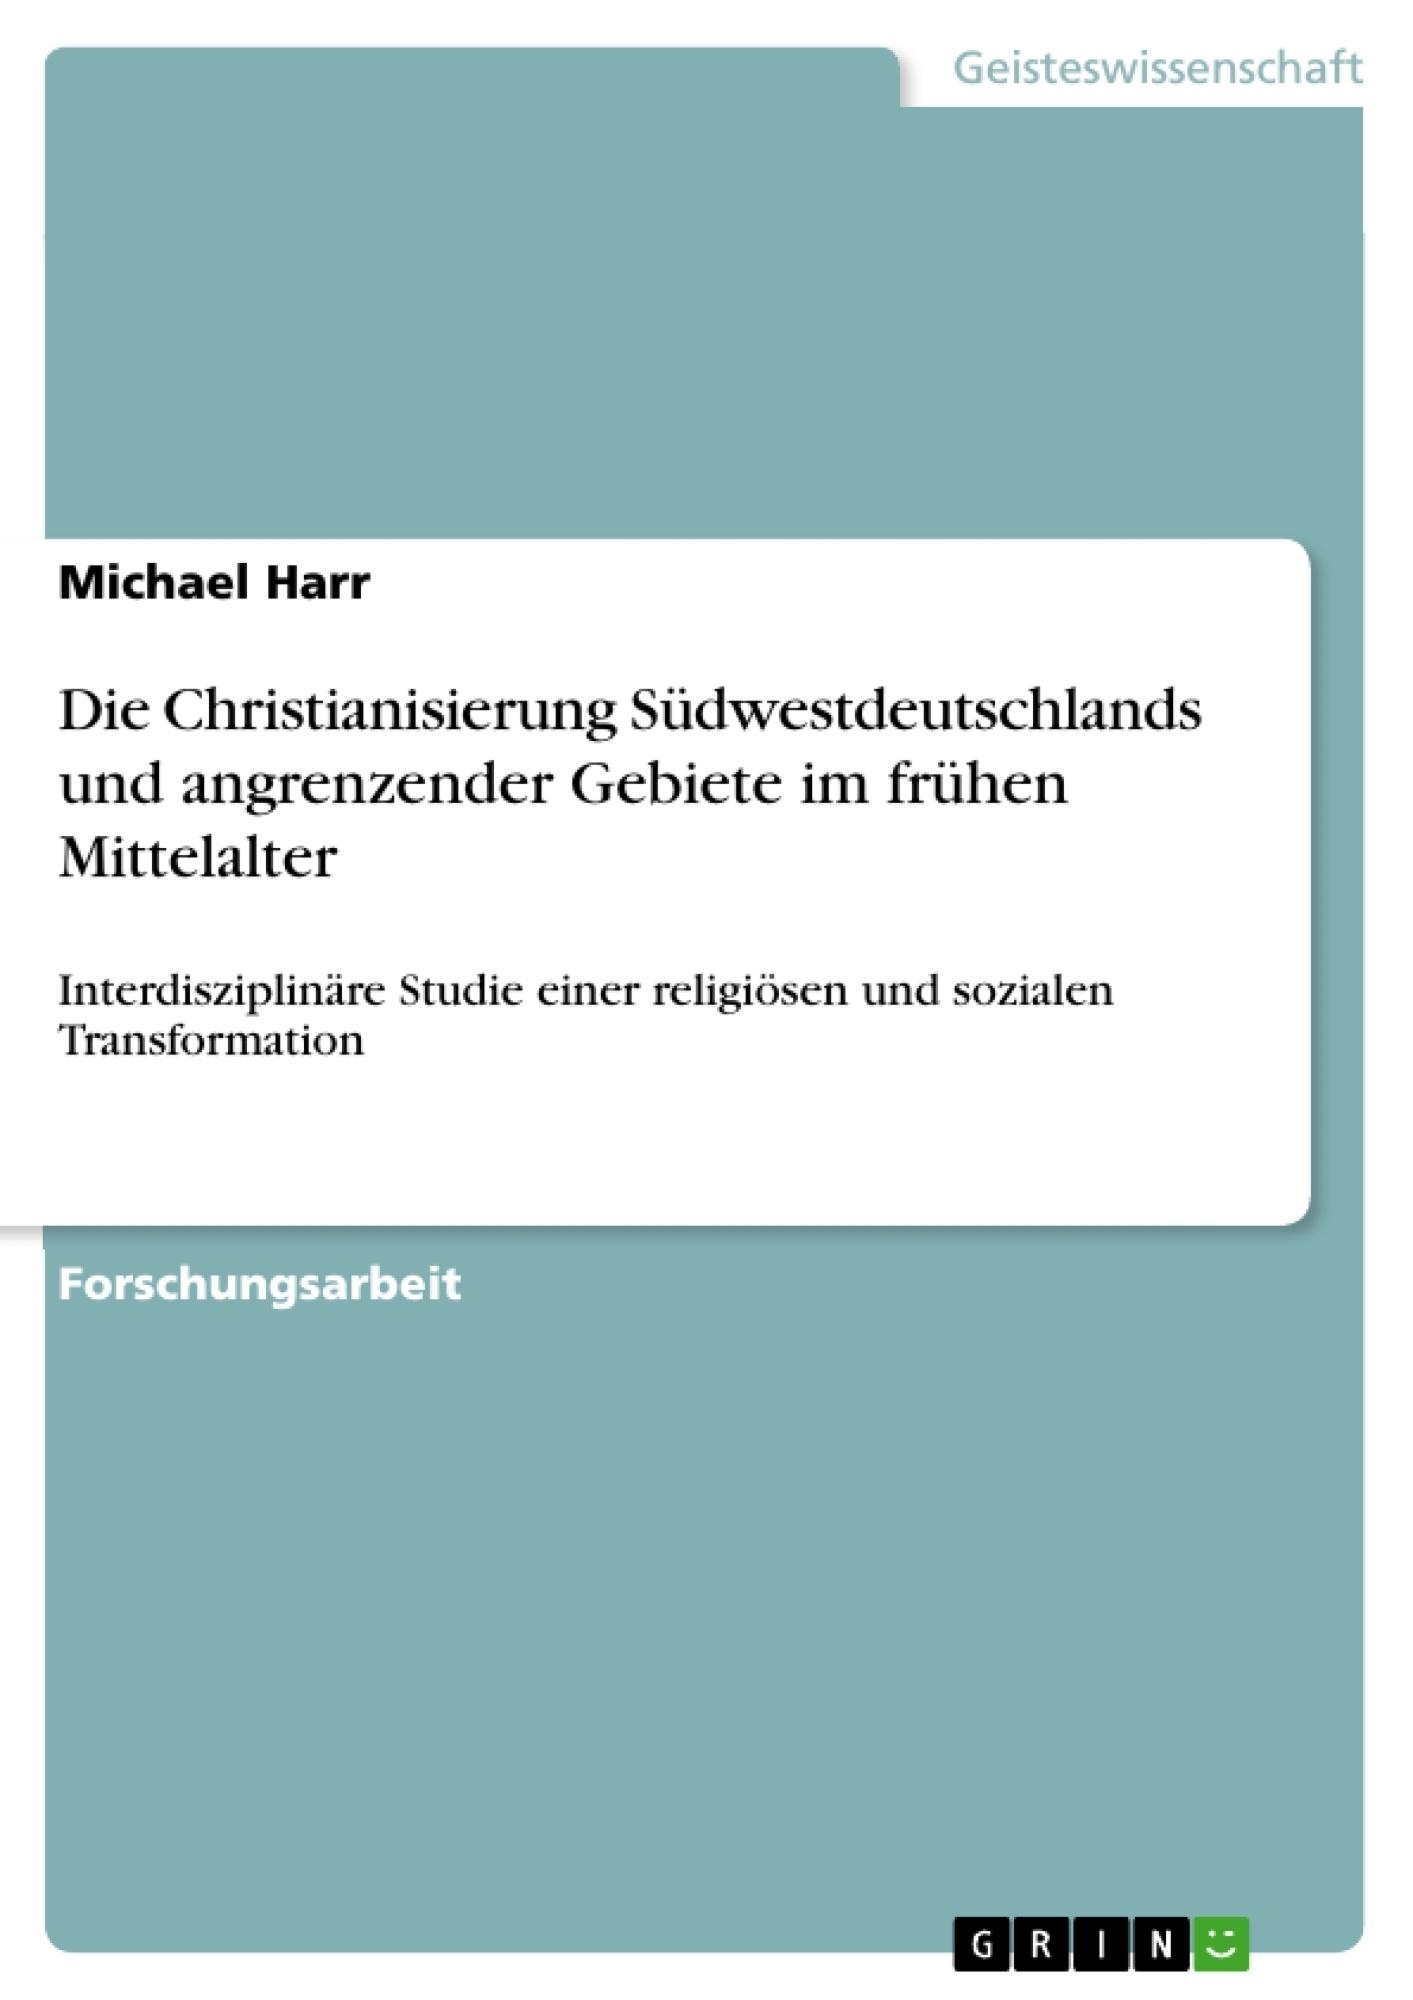 Titel: Die Christianisierung Südwestdeutschlands und angrenzender Gebiete im frühen Mittelalter